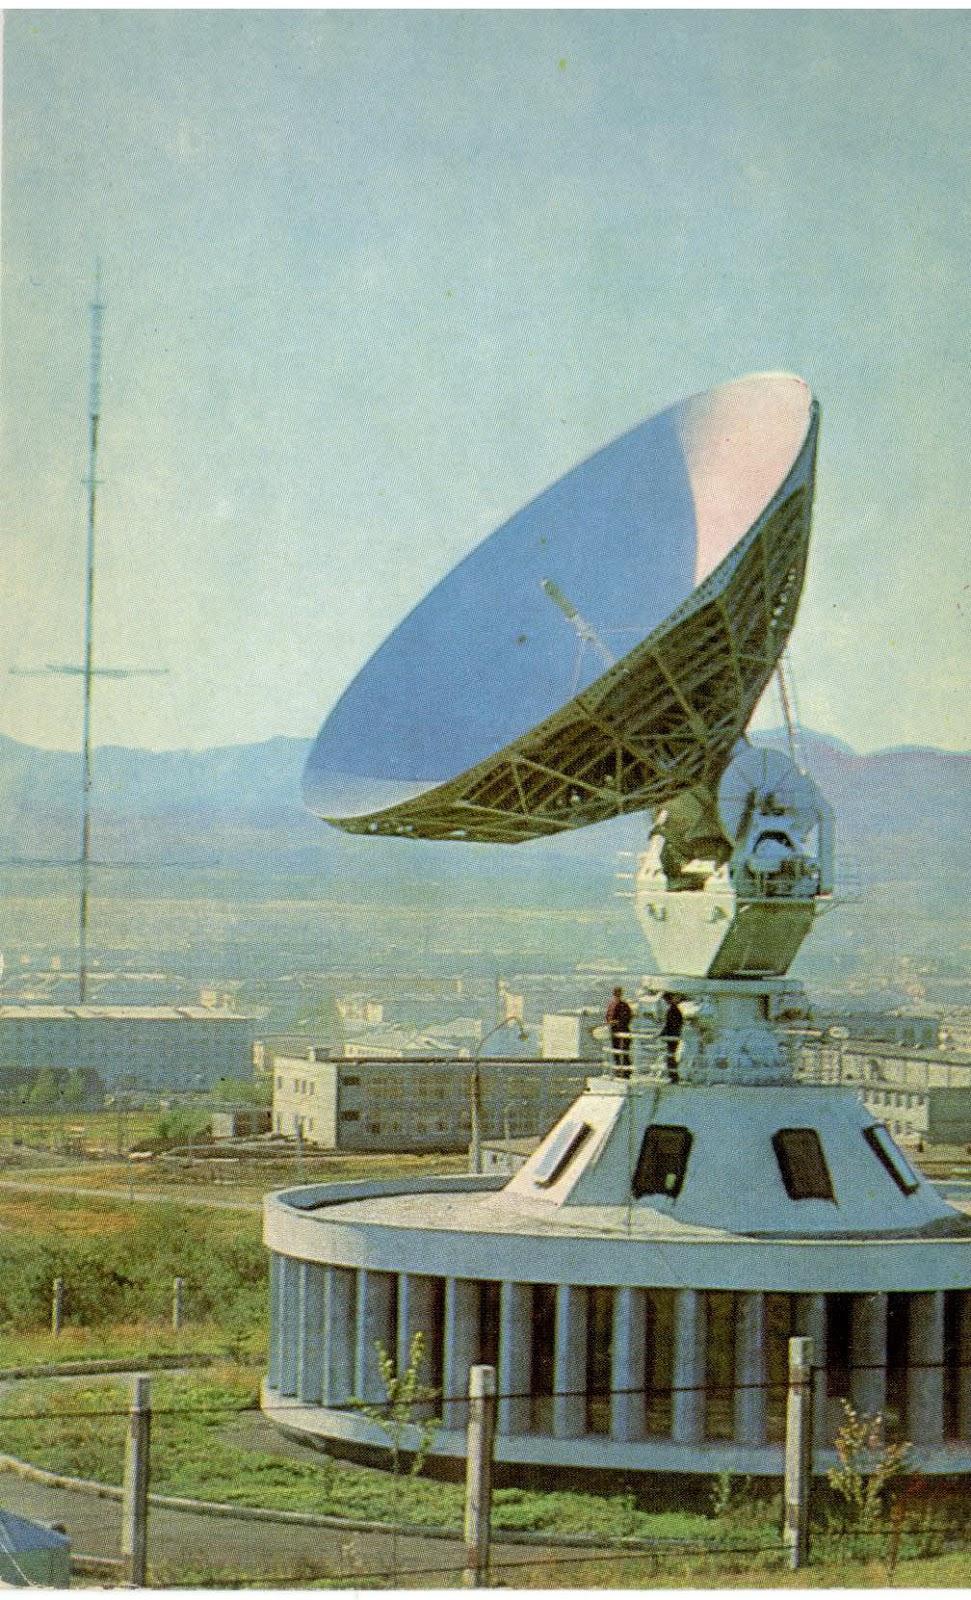 Приемная станция спутниковой системы